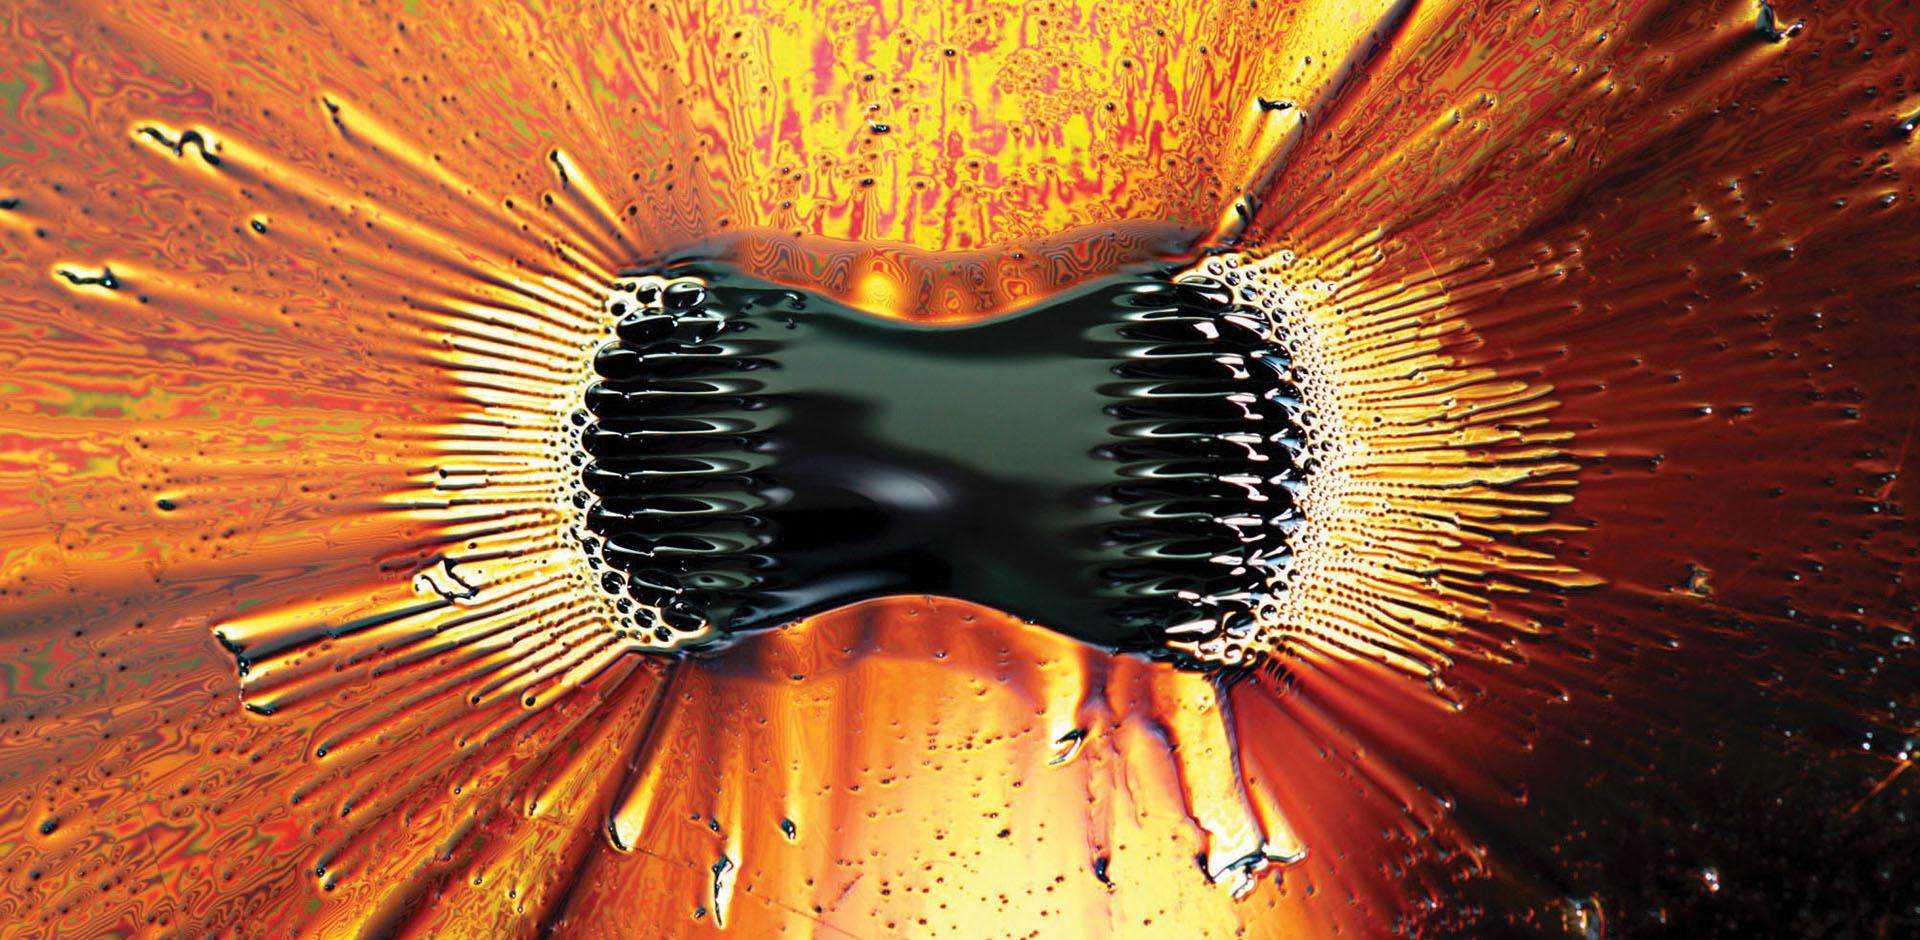 <p><strong>Diseño eficaz para relojes antimagnéticos</strong><br /> <br /> Casi todos los relojes BALL Watch están equipados con magníficas cajas antimagnéticas fabricadas con materiales férricos de acero inoxidable resistentes a la corrosión Además, el funcionamiento interno del reloj está protegido por una fina cubierta antimagnética de hierro formada por una placa trasera, un anillo que rodea el mecanismo y la esfera. Esta aleación especial, reforzada por la forma de la caja, evita que los campos magnéticos penetren en el mecanismo y alteren la precisión del reloj.</p>